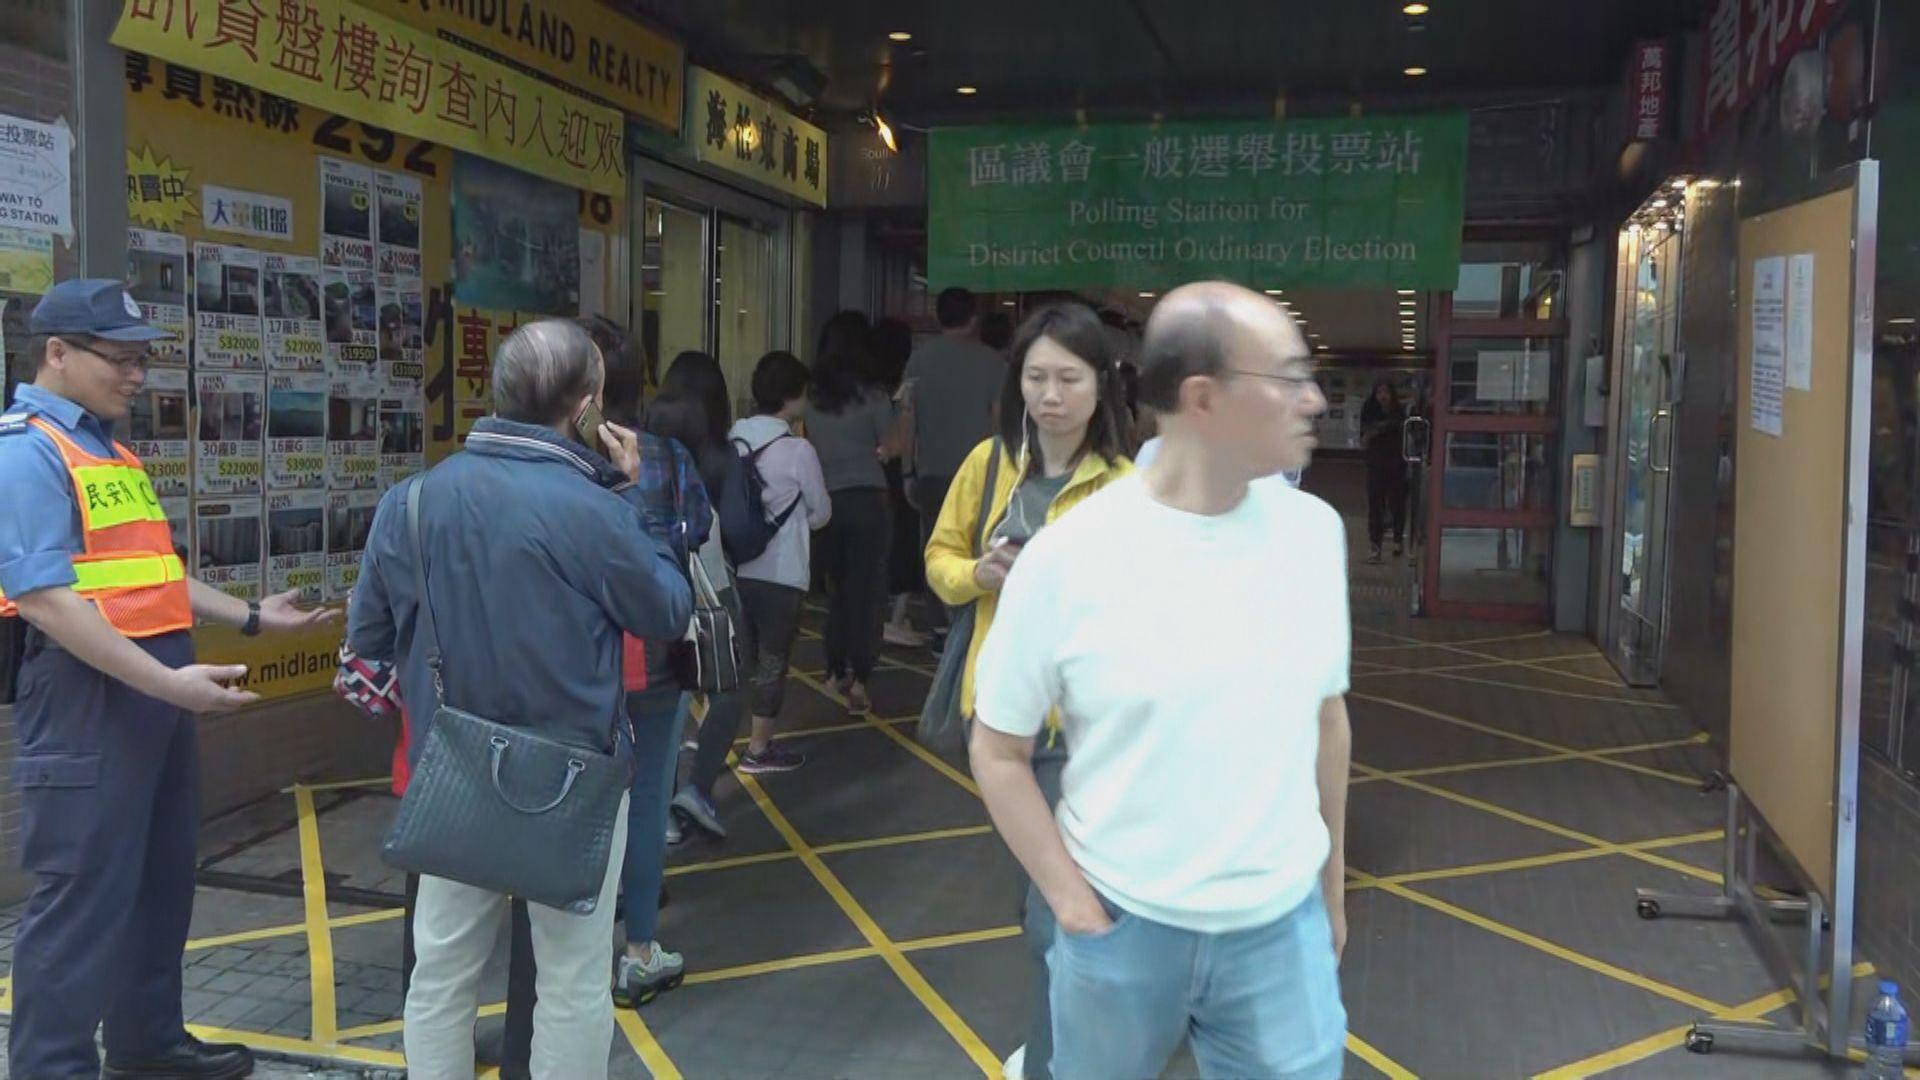 陳家珮及林浩波於海怡西選區拉票